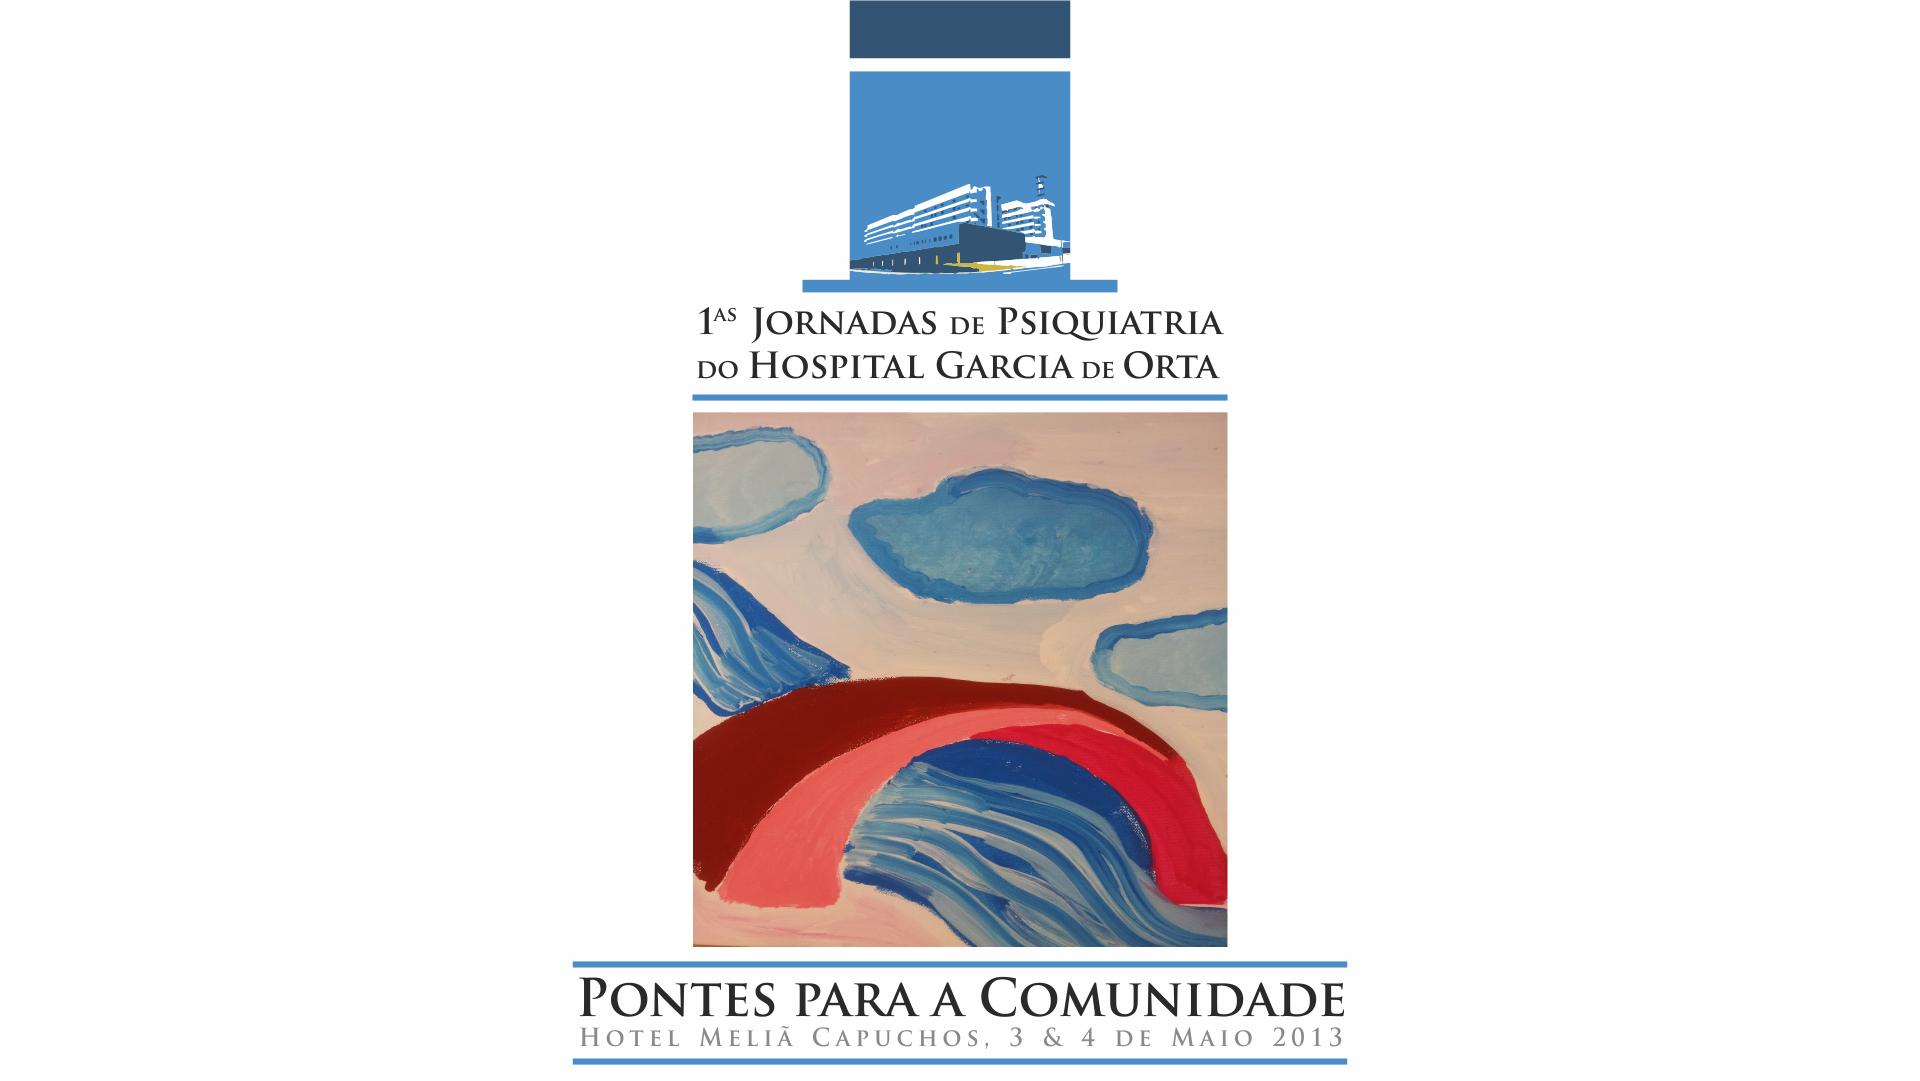 1as Jornadas de Psiquiatria do Hospital Garcia de Orta